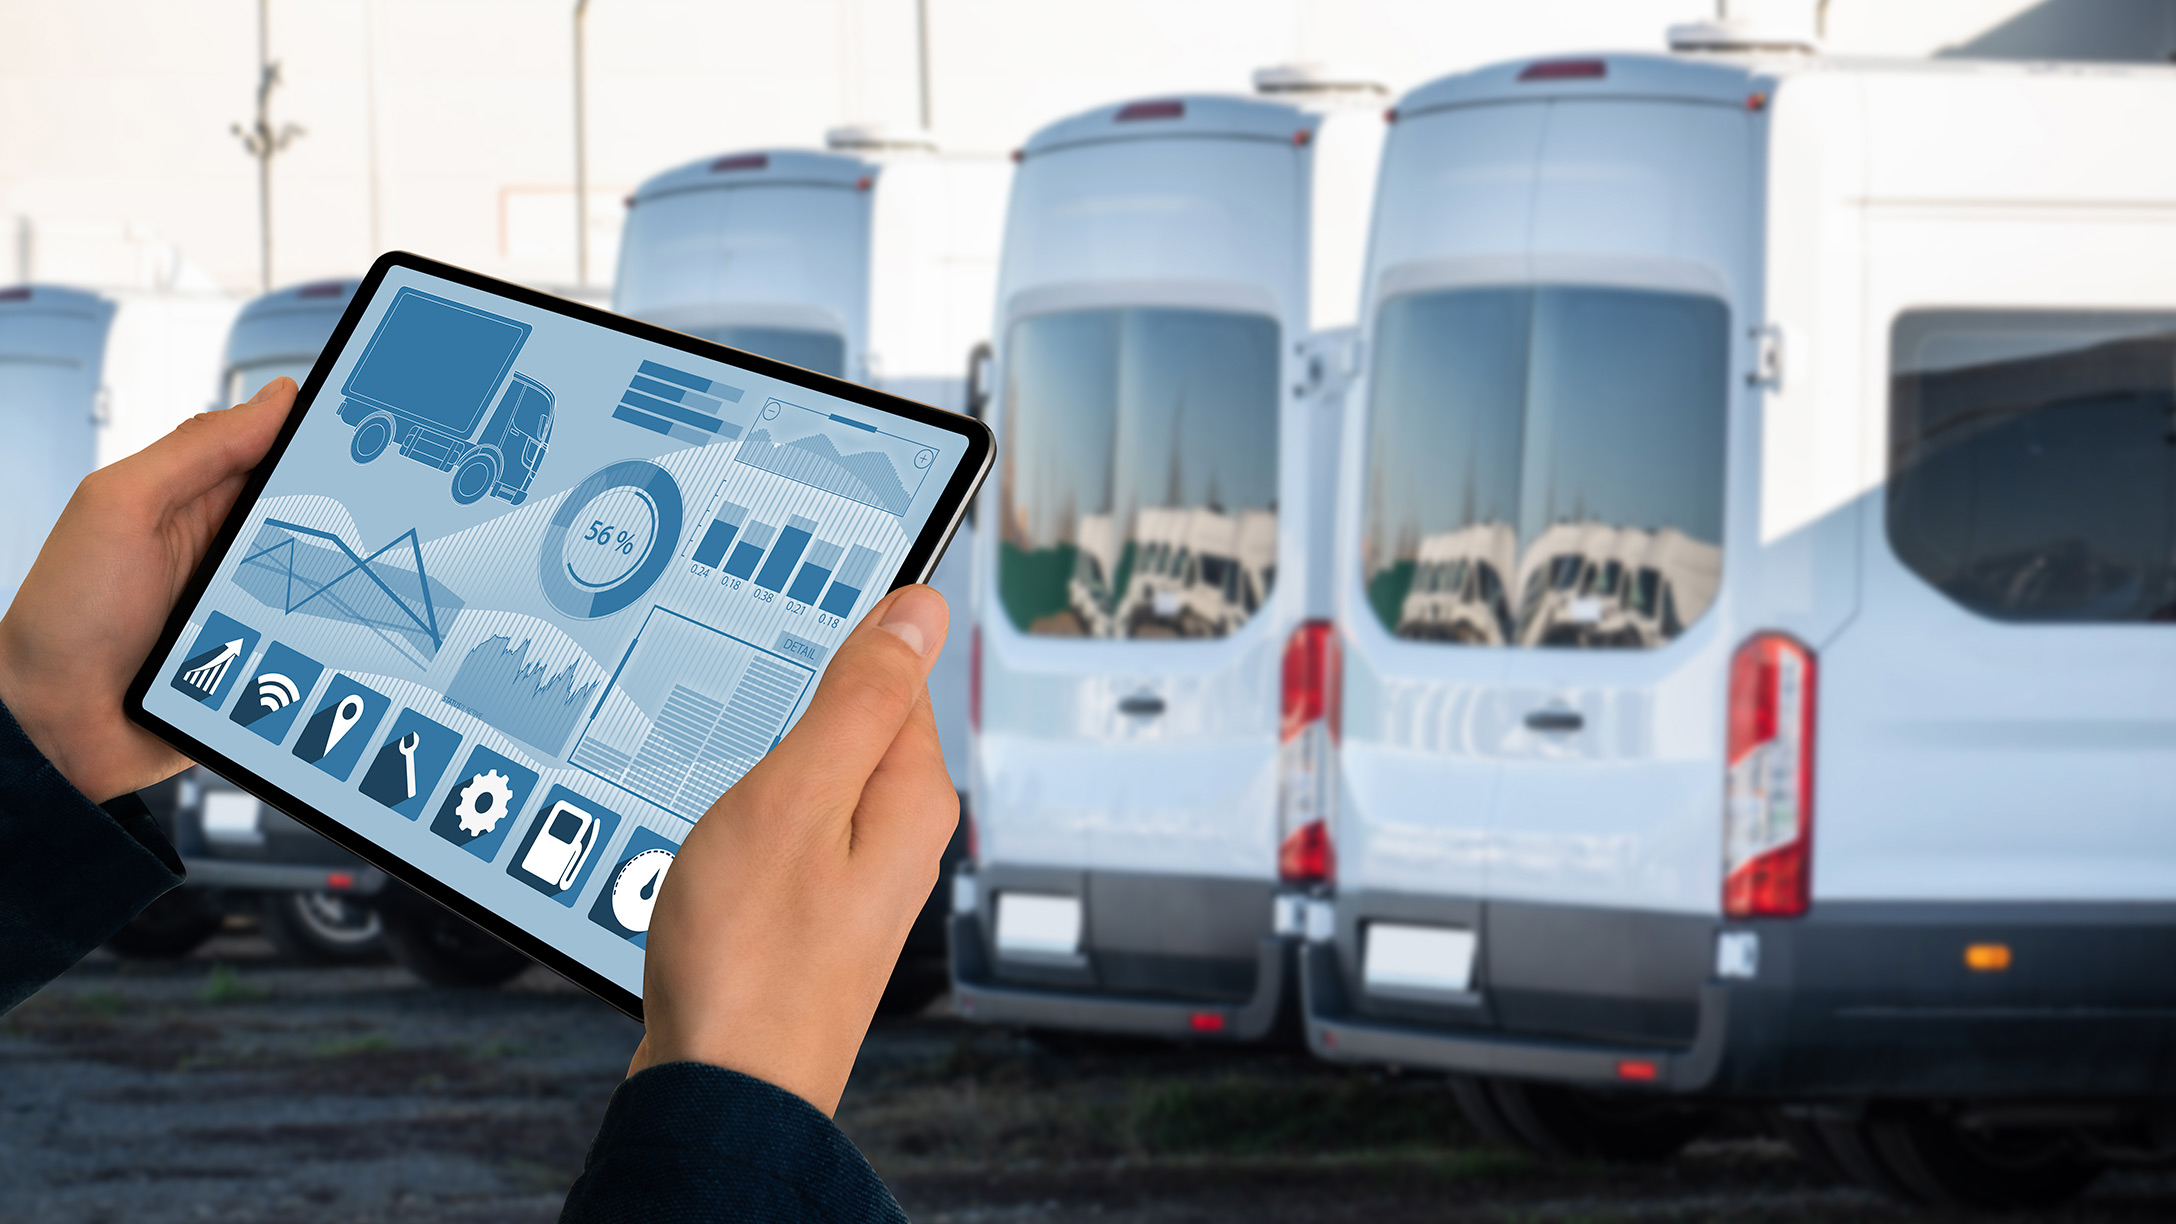 A screen showing fleet details